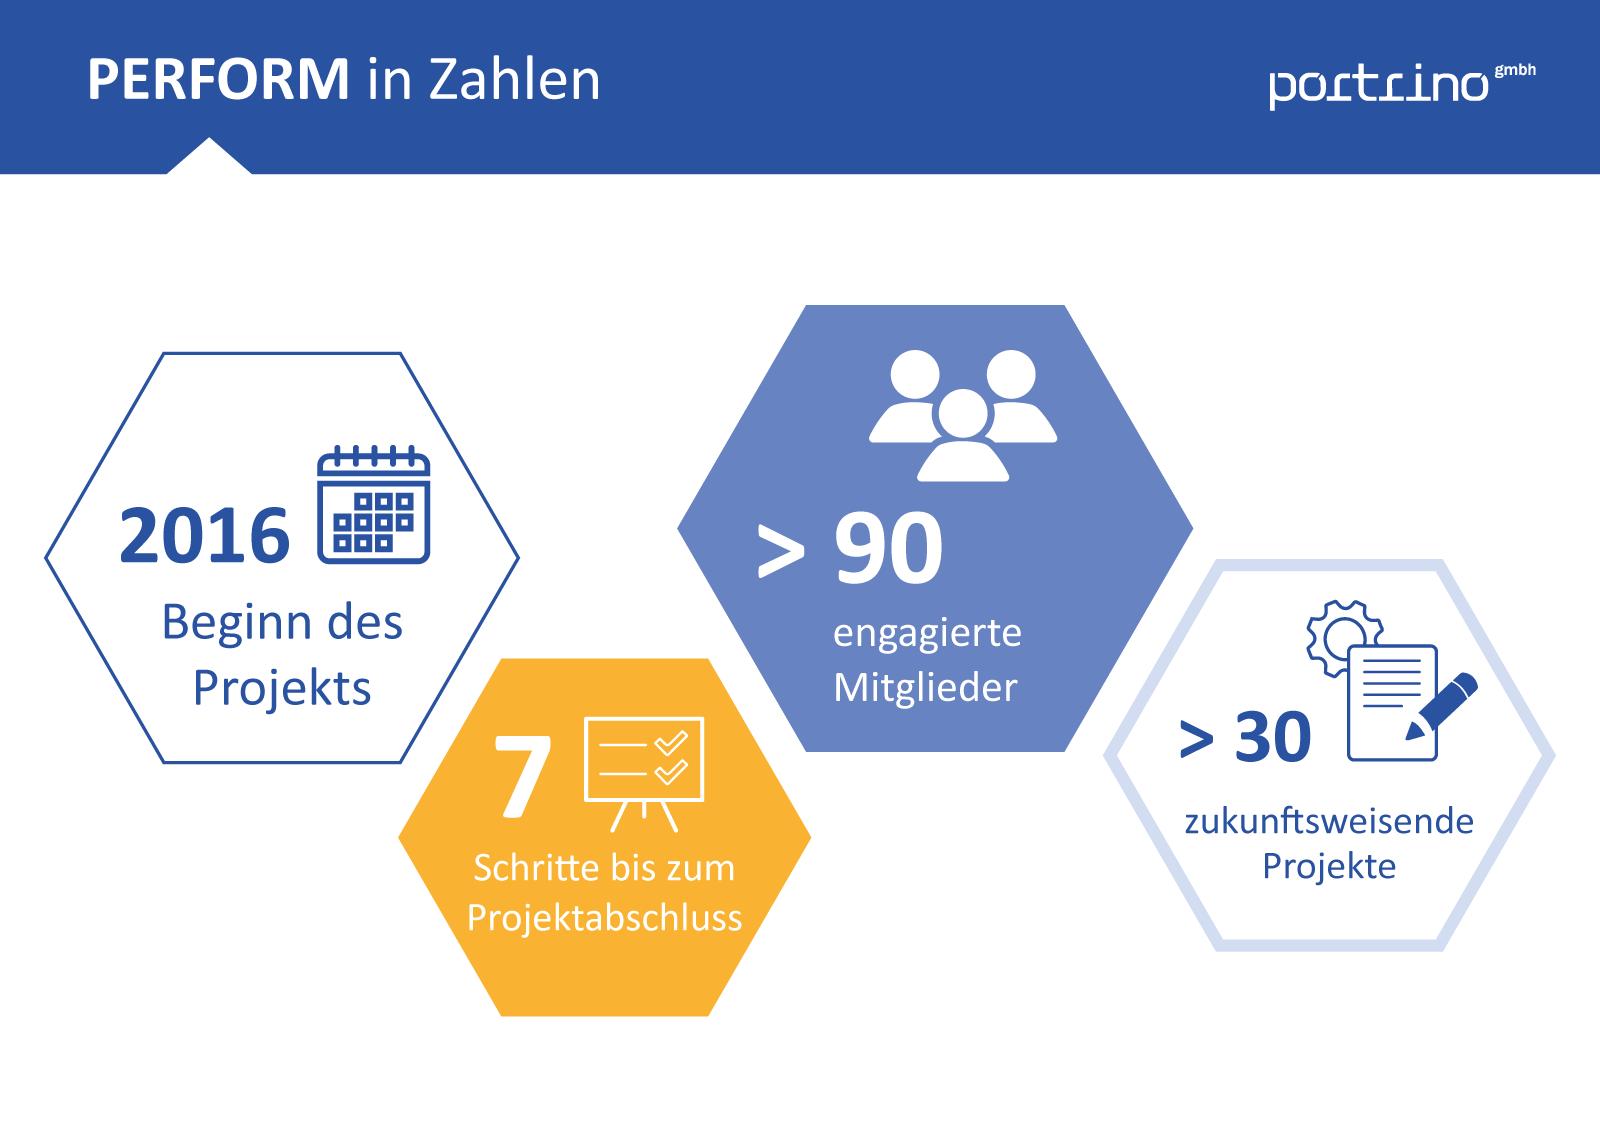 TYPO3 Wartung für PERFORM – portrino GmbH